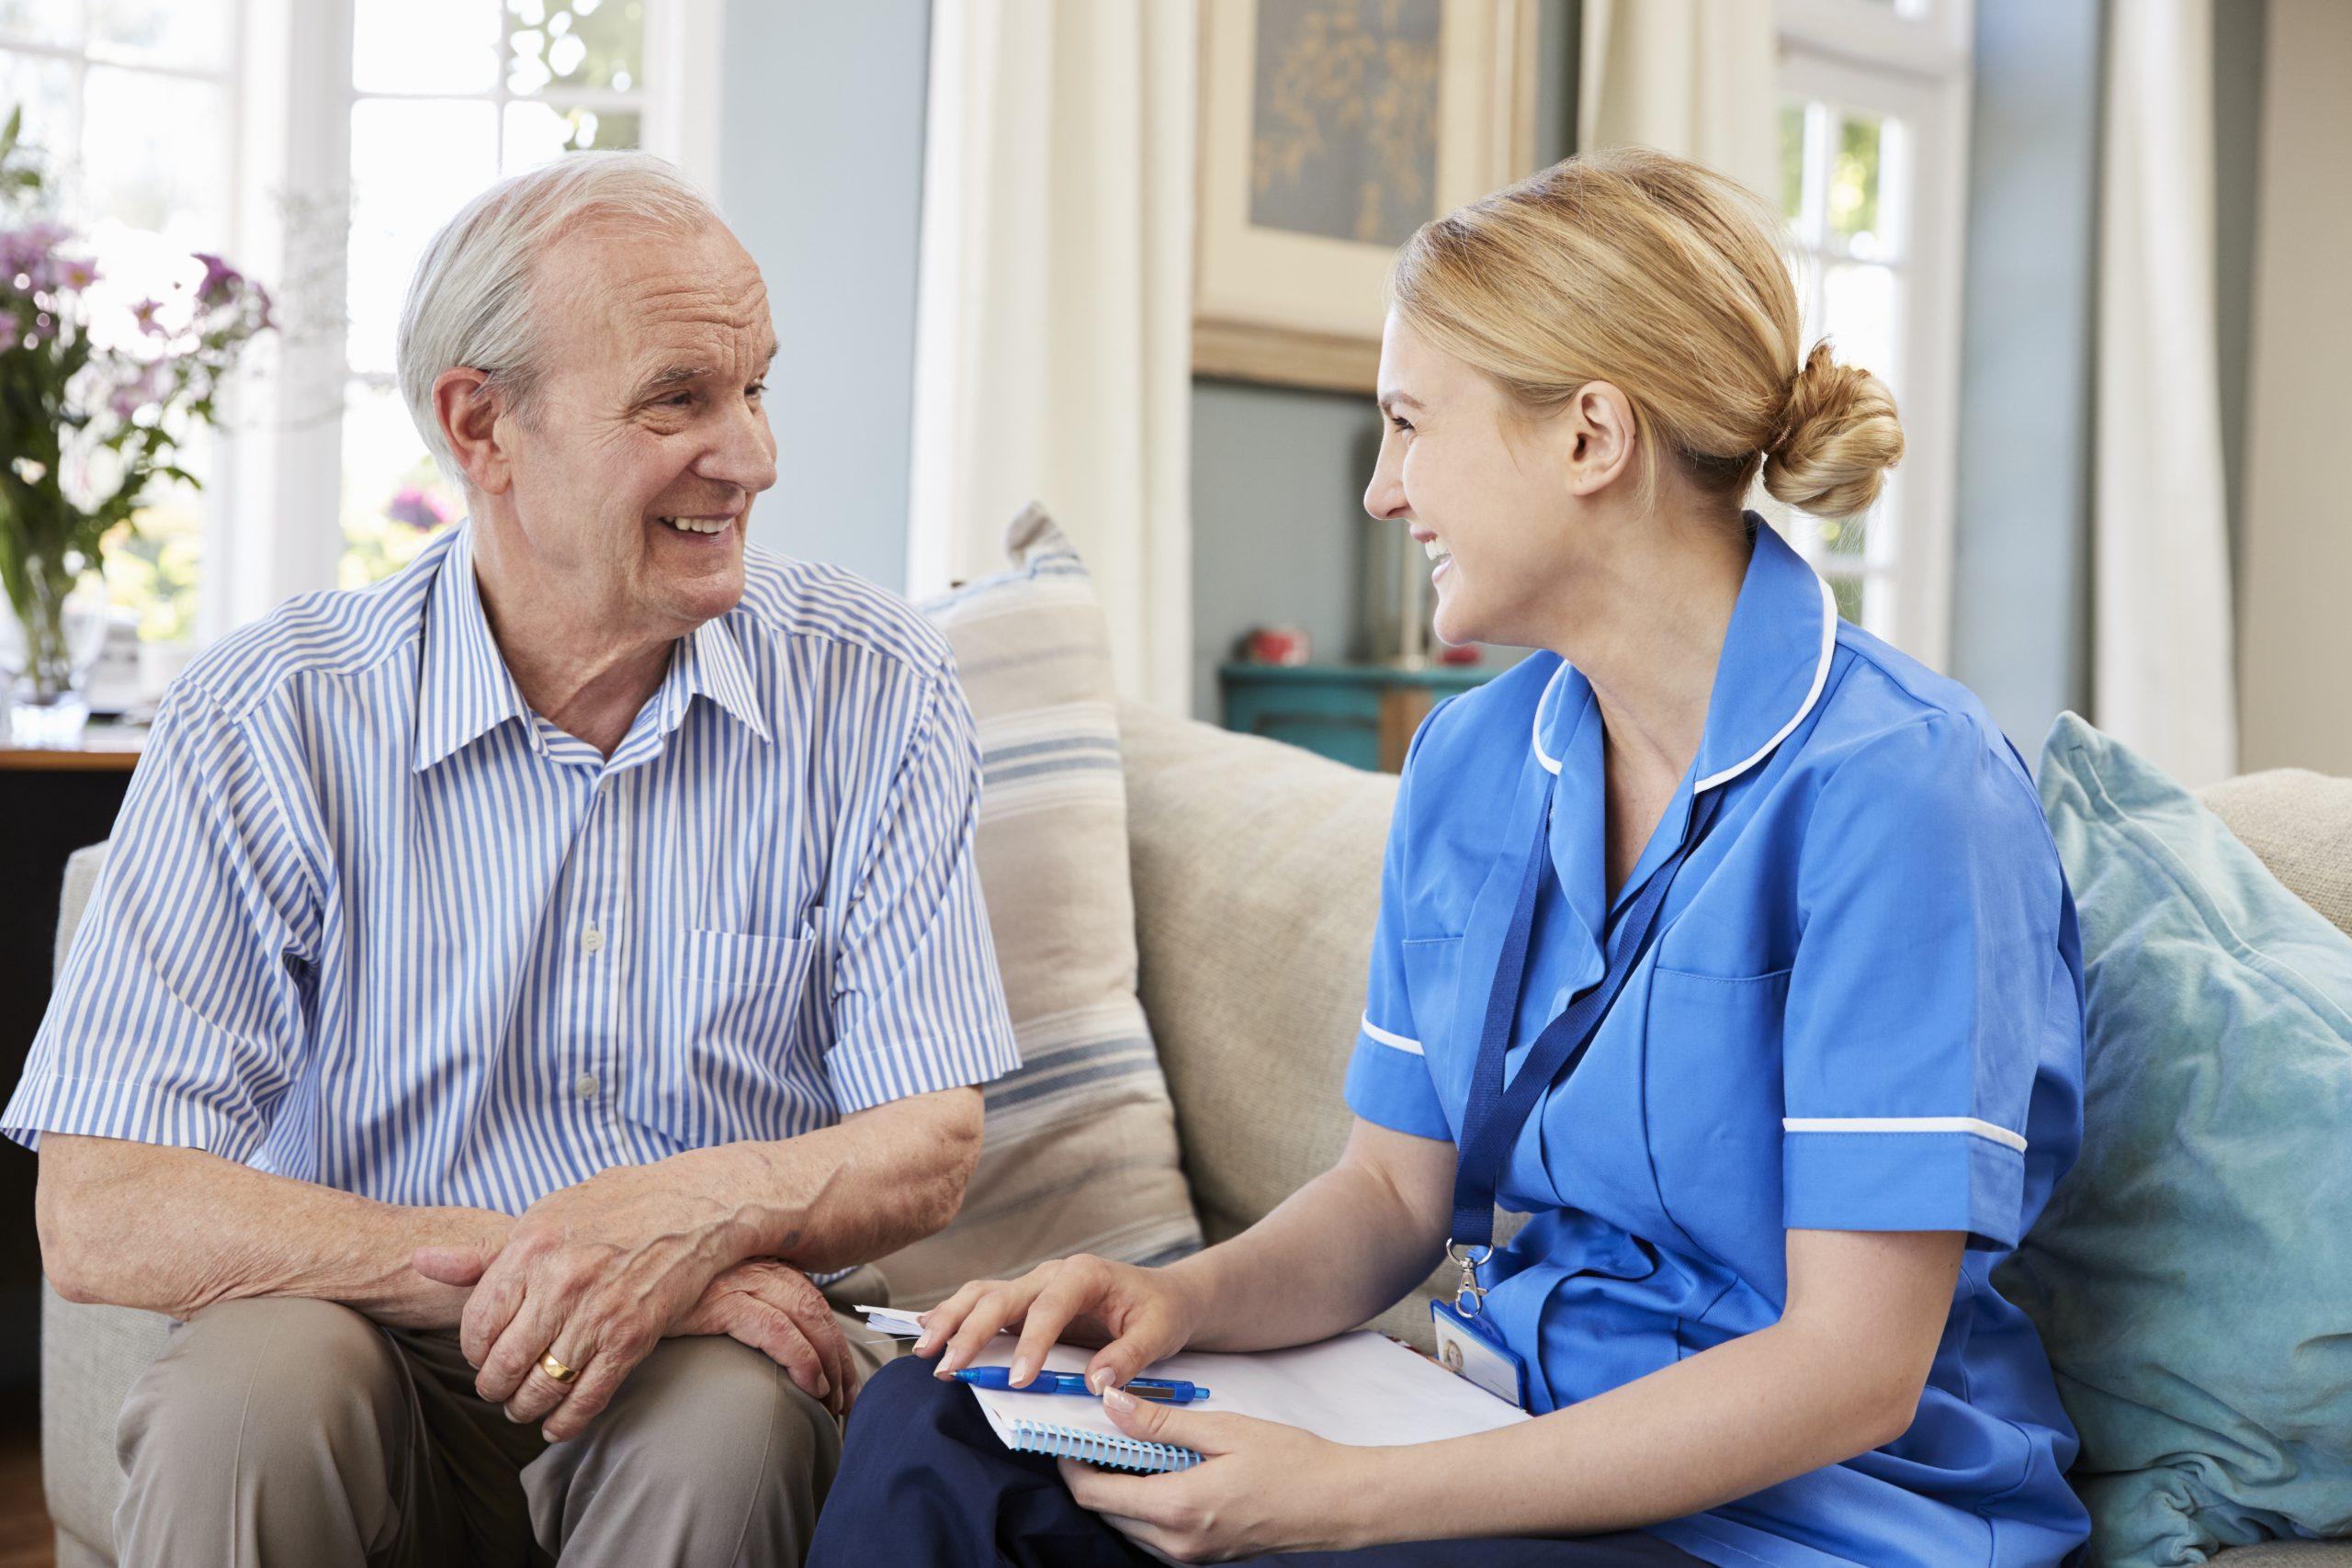 Female Community Nurse Visits Senior Man At Home;